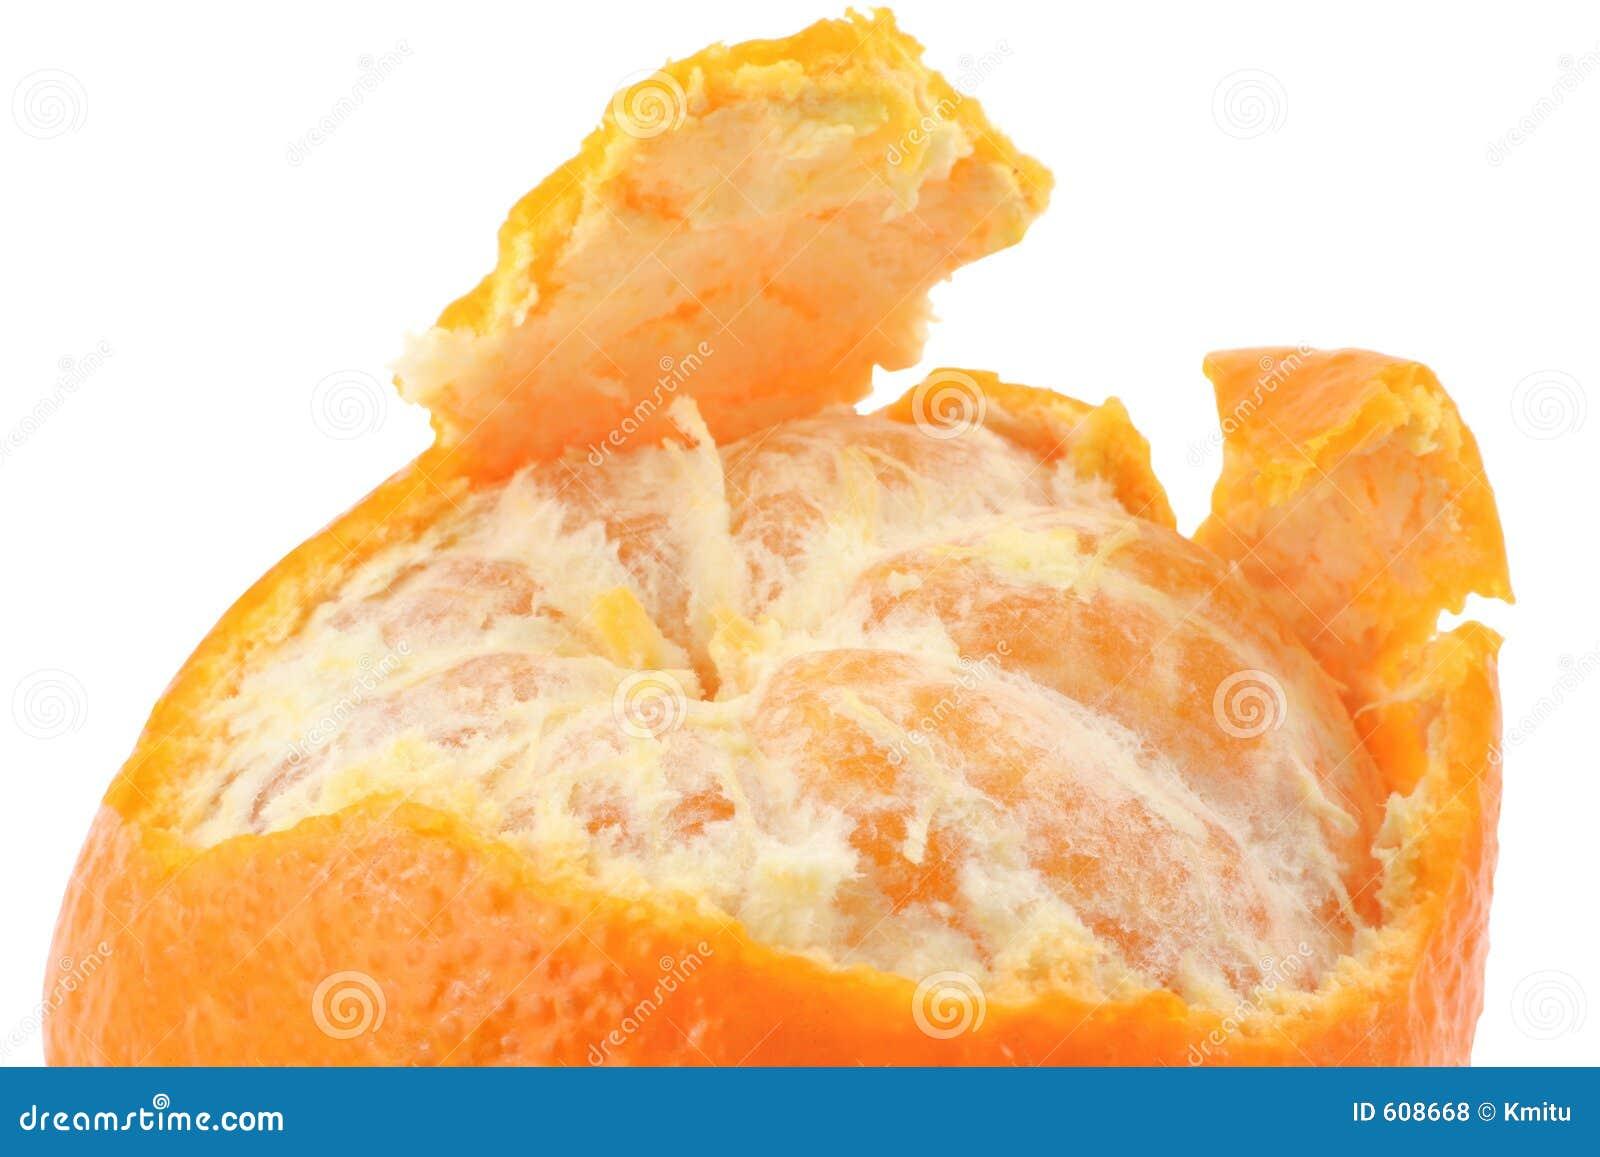 Macro van een gepelde mandarijn